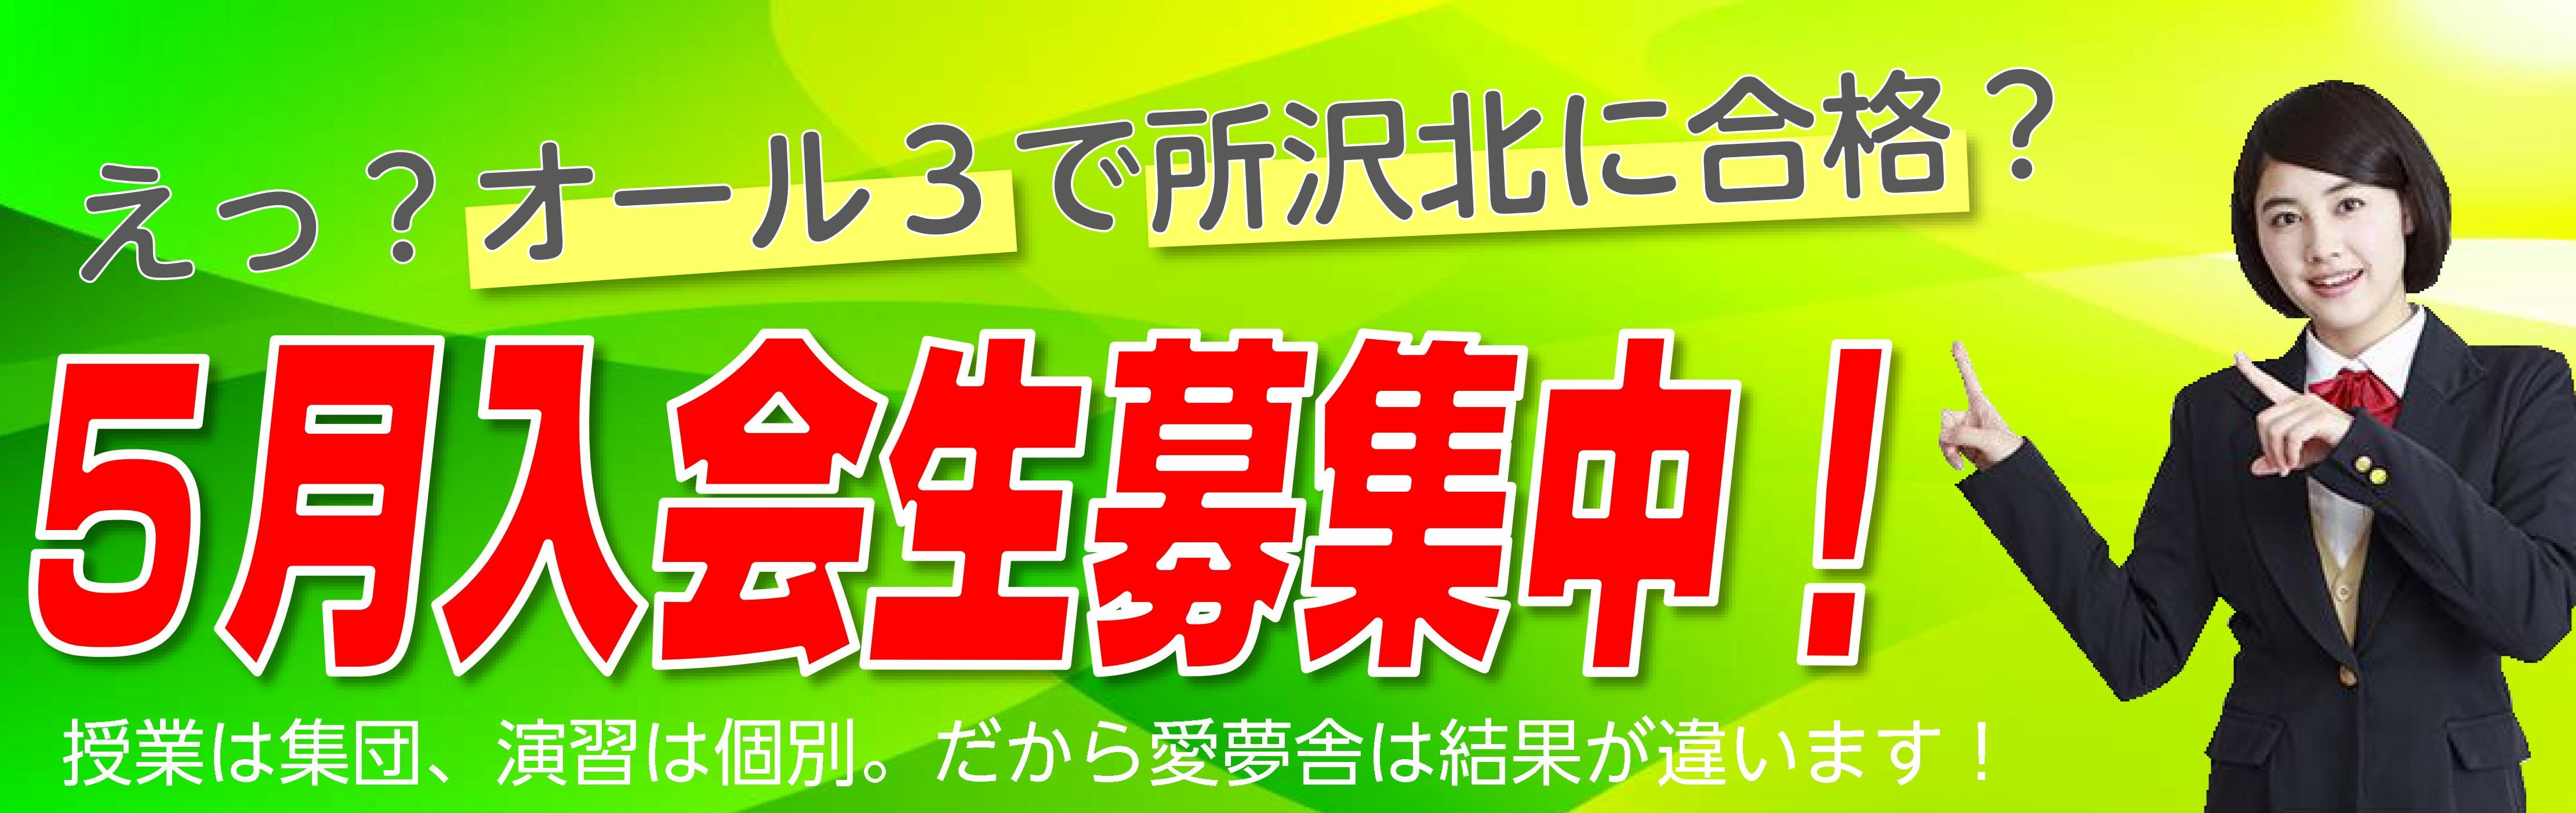 えっ?オール3で所沢北に合格? 5月入会生募集中!